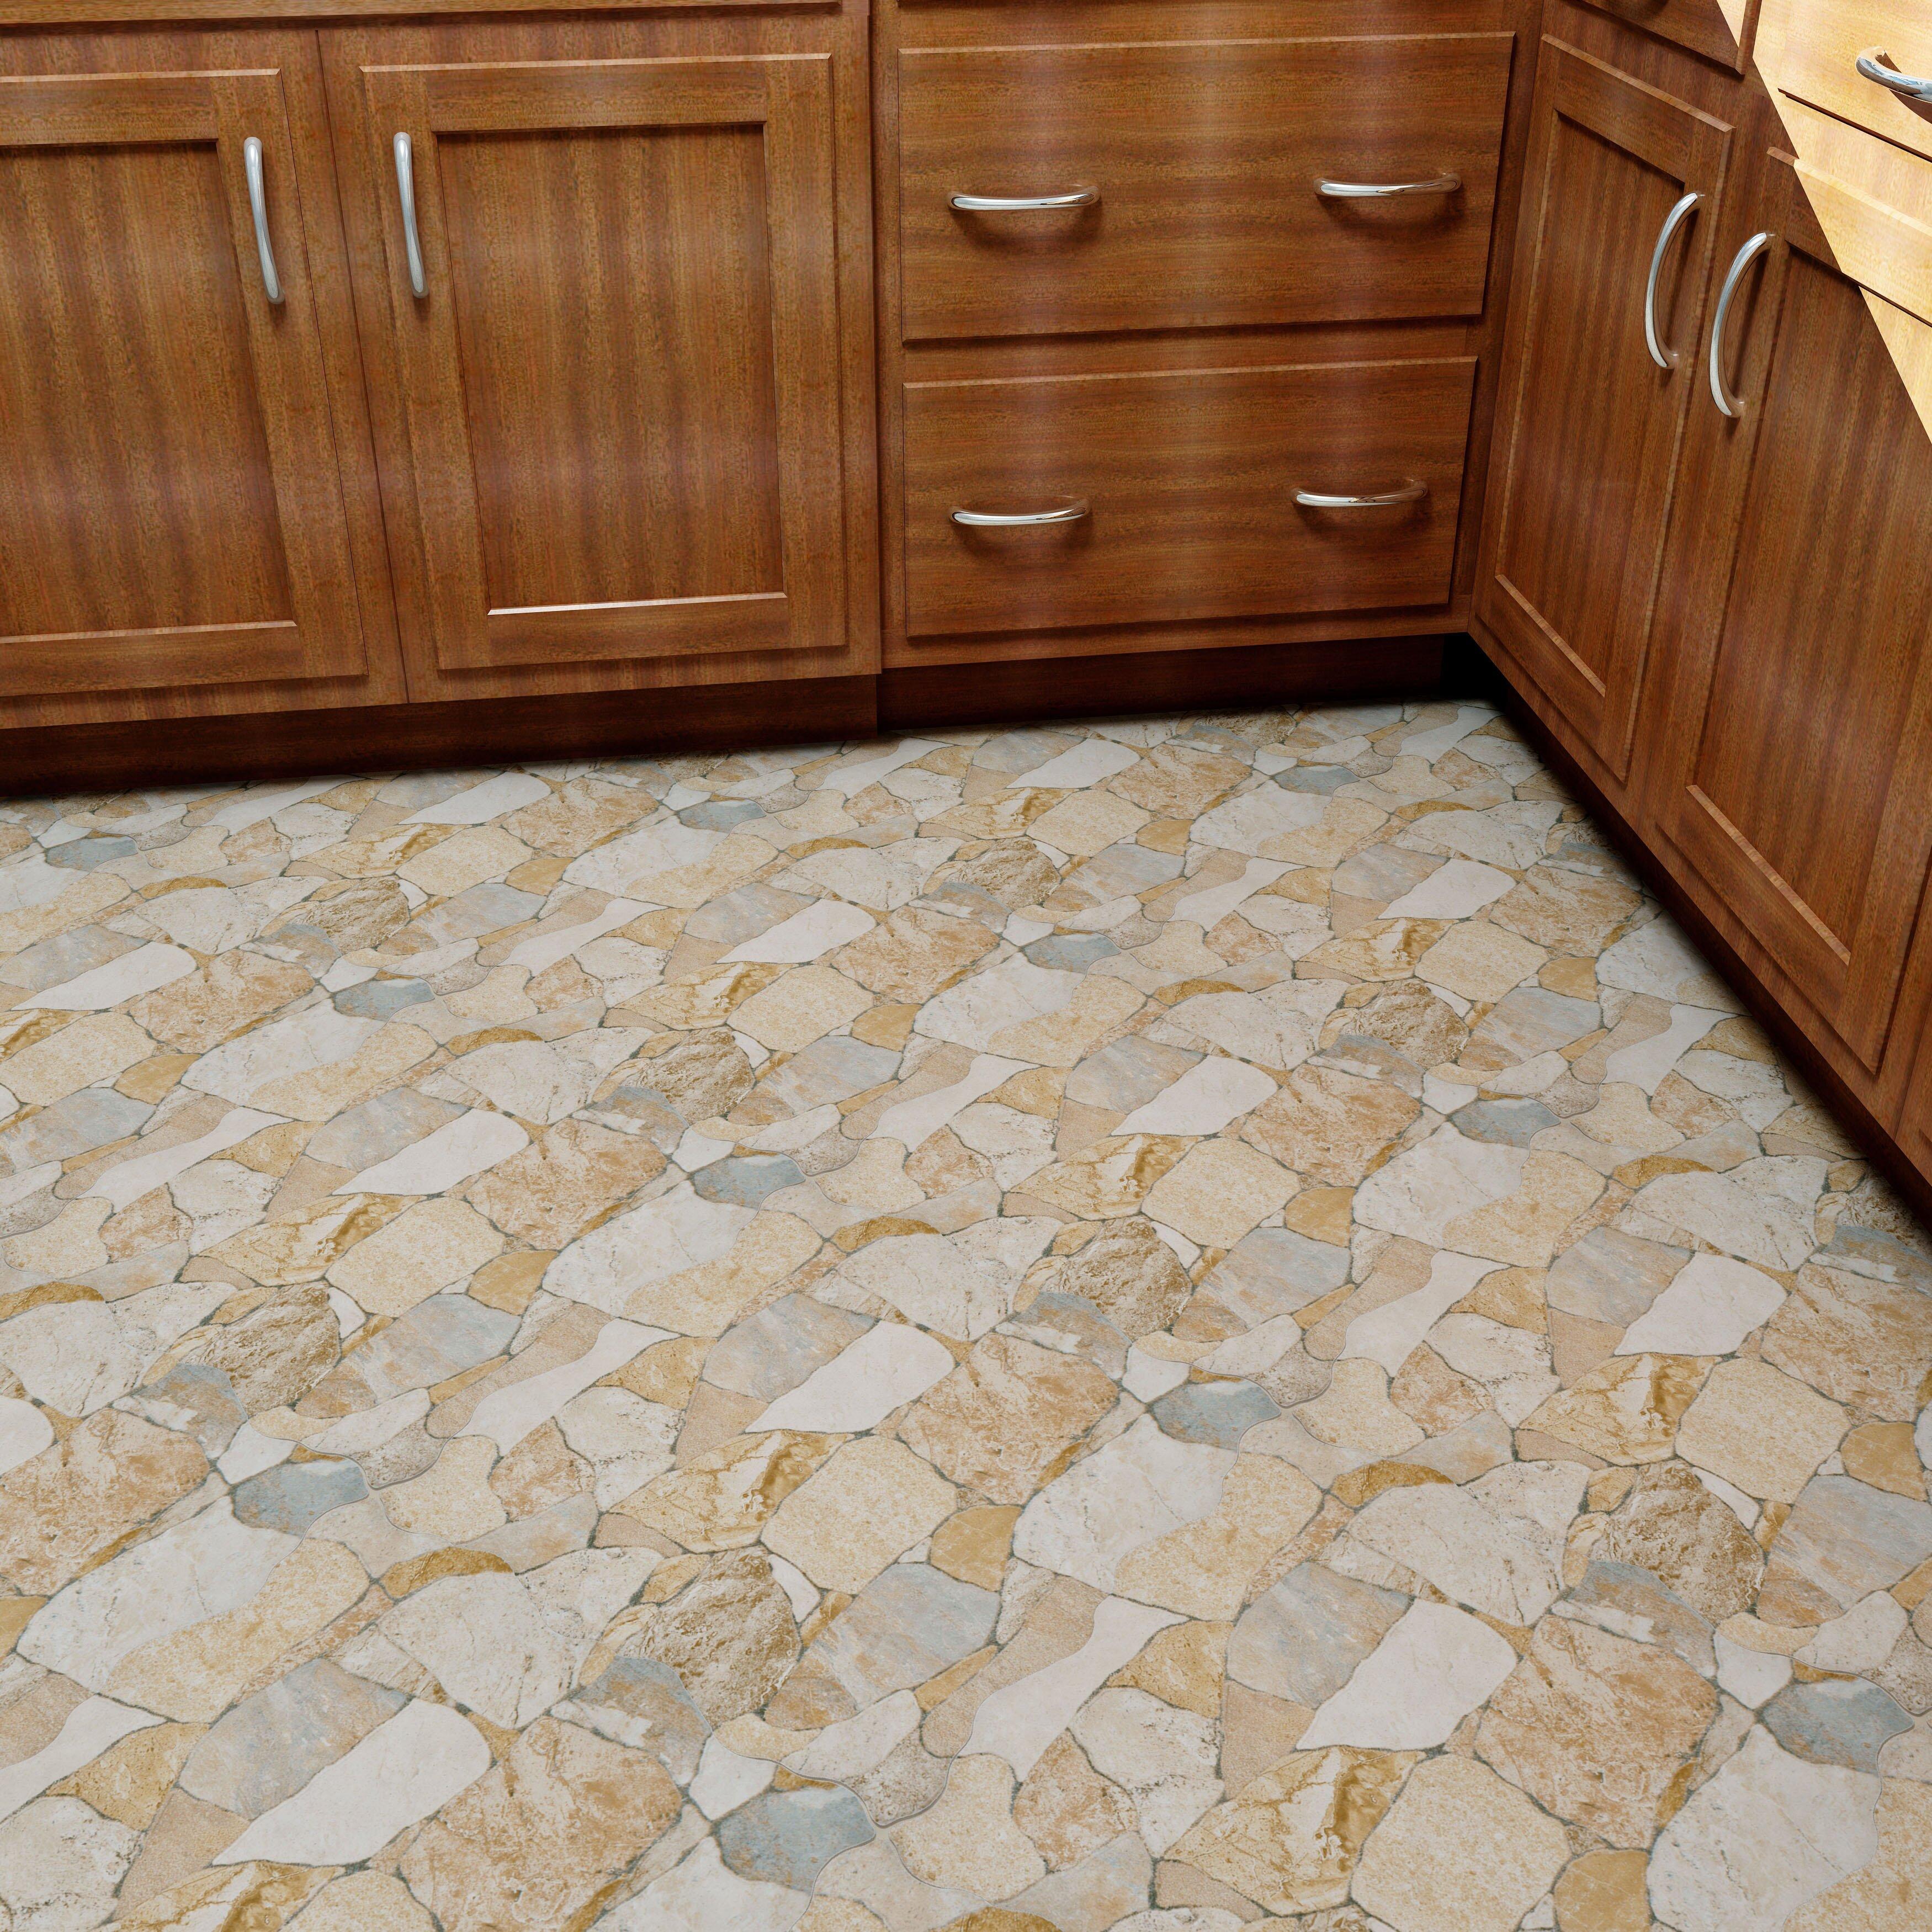 Flooring For Seasonal Homes: EliteTile Atticas Random Sized Ceramic Splitface Tile In